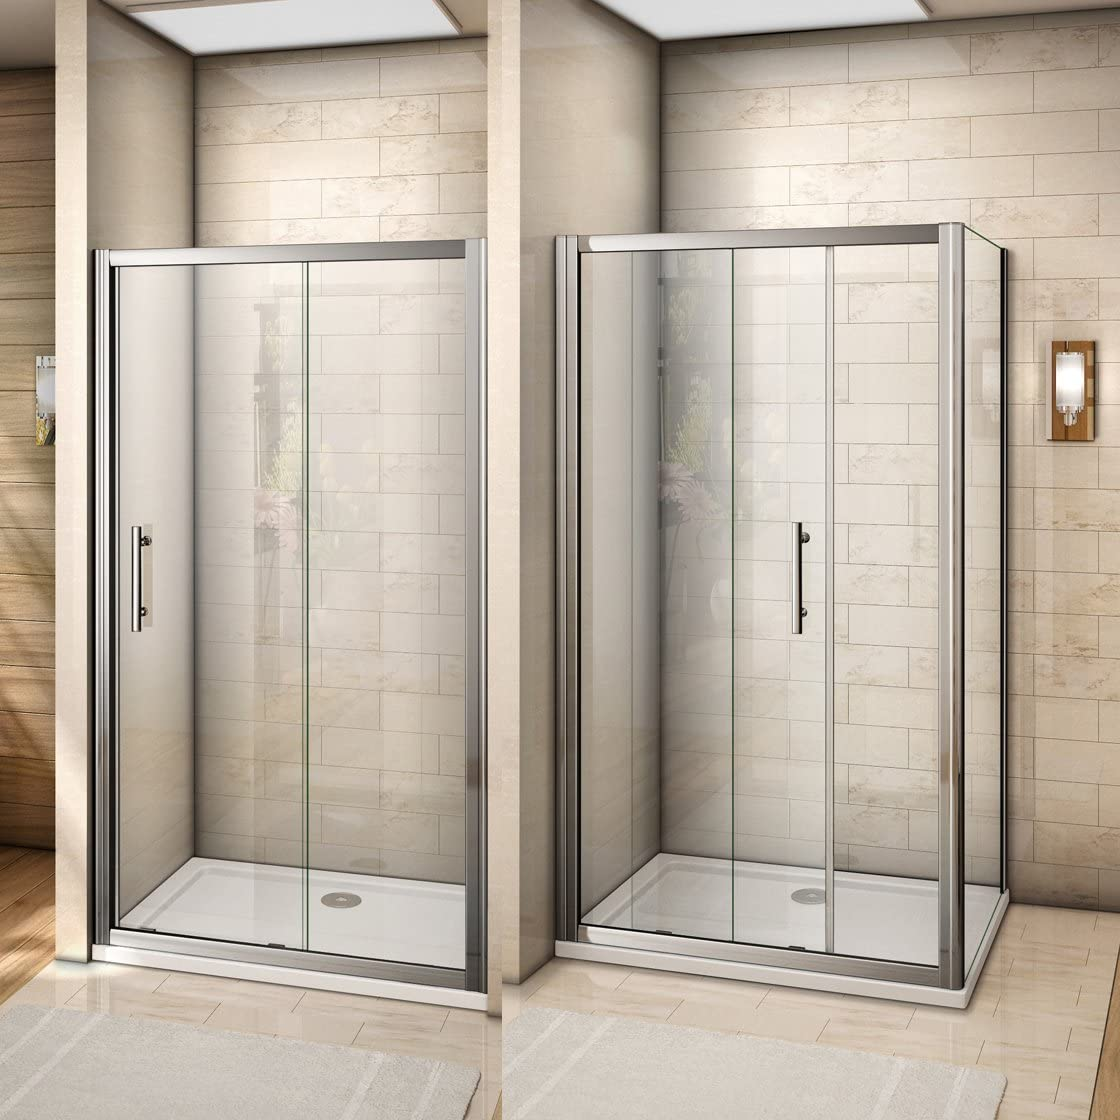 Cabina de ducha mamparas de baño corredera puerta cristal templado 120x70cm de Aica: Amazon.es: Bricolaje y herramientas